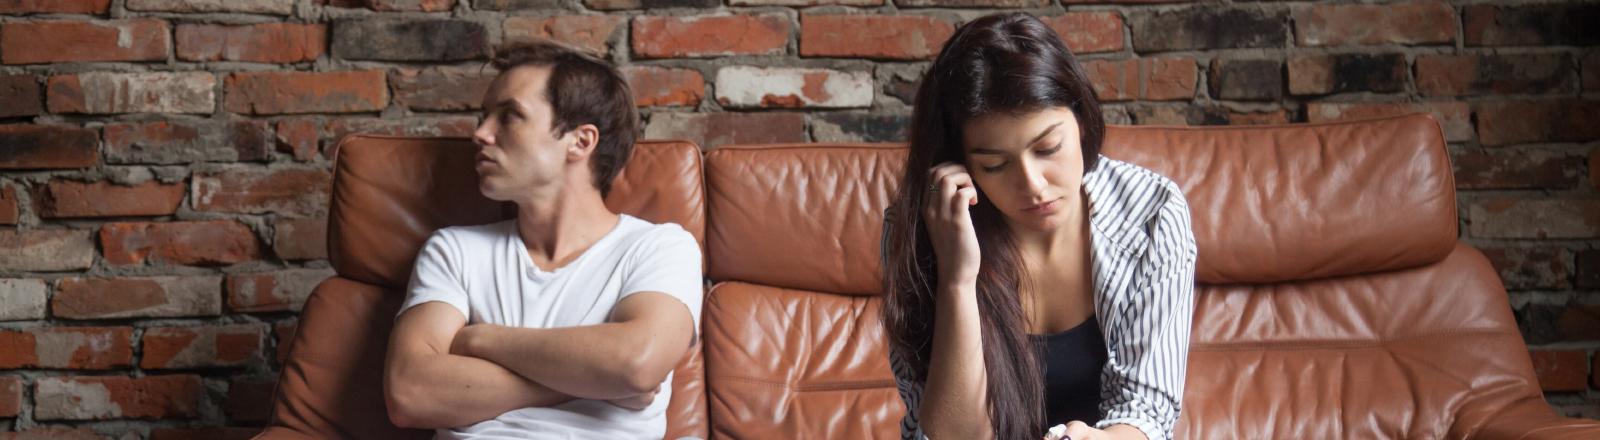 Ein Paar sitzt genervt auf einem Sofa